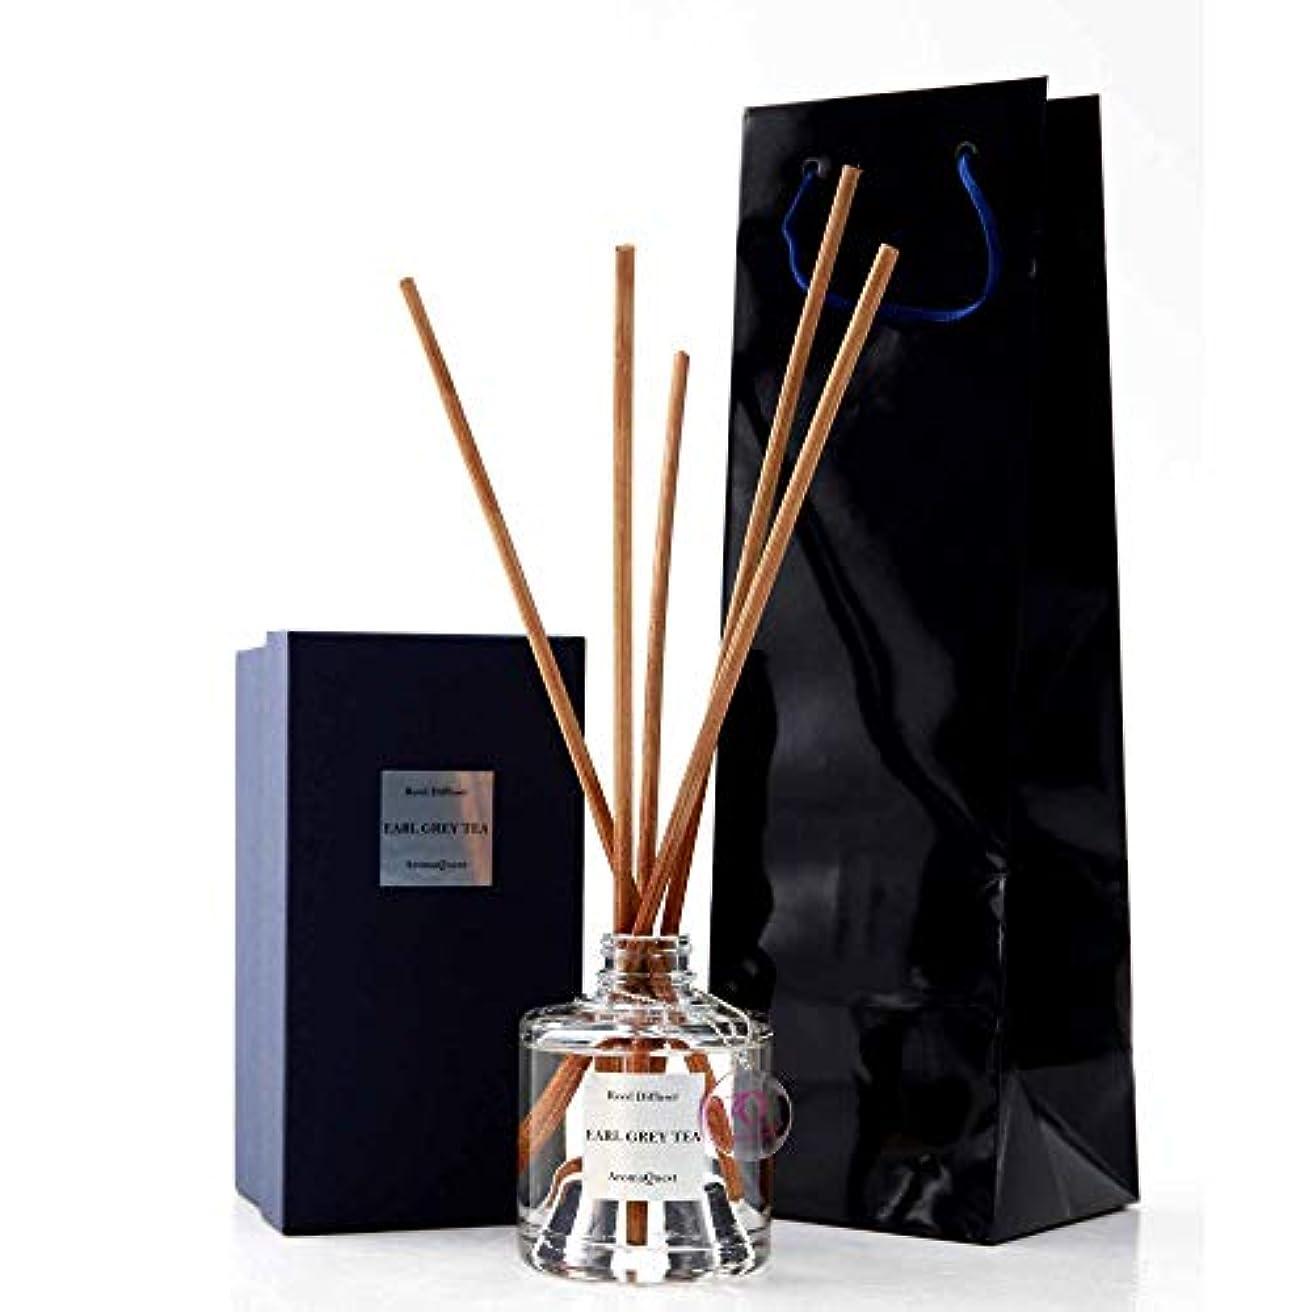 教授運動くちばしルームフレグランス リードディフューザー アロマディフューザー 150ml アールグレイティー EARL GREY TEA 紅茶の香り